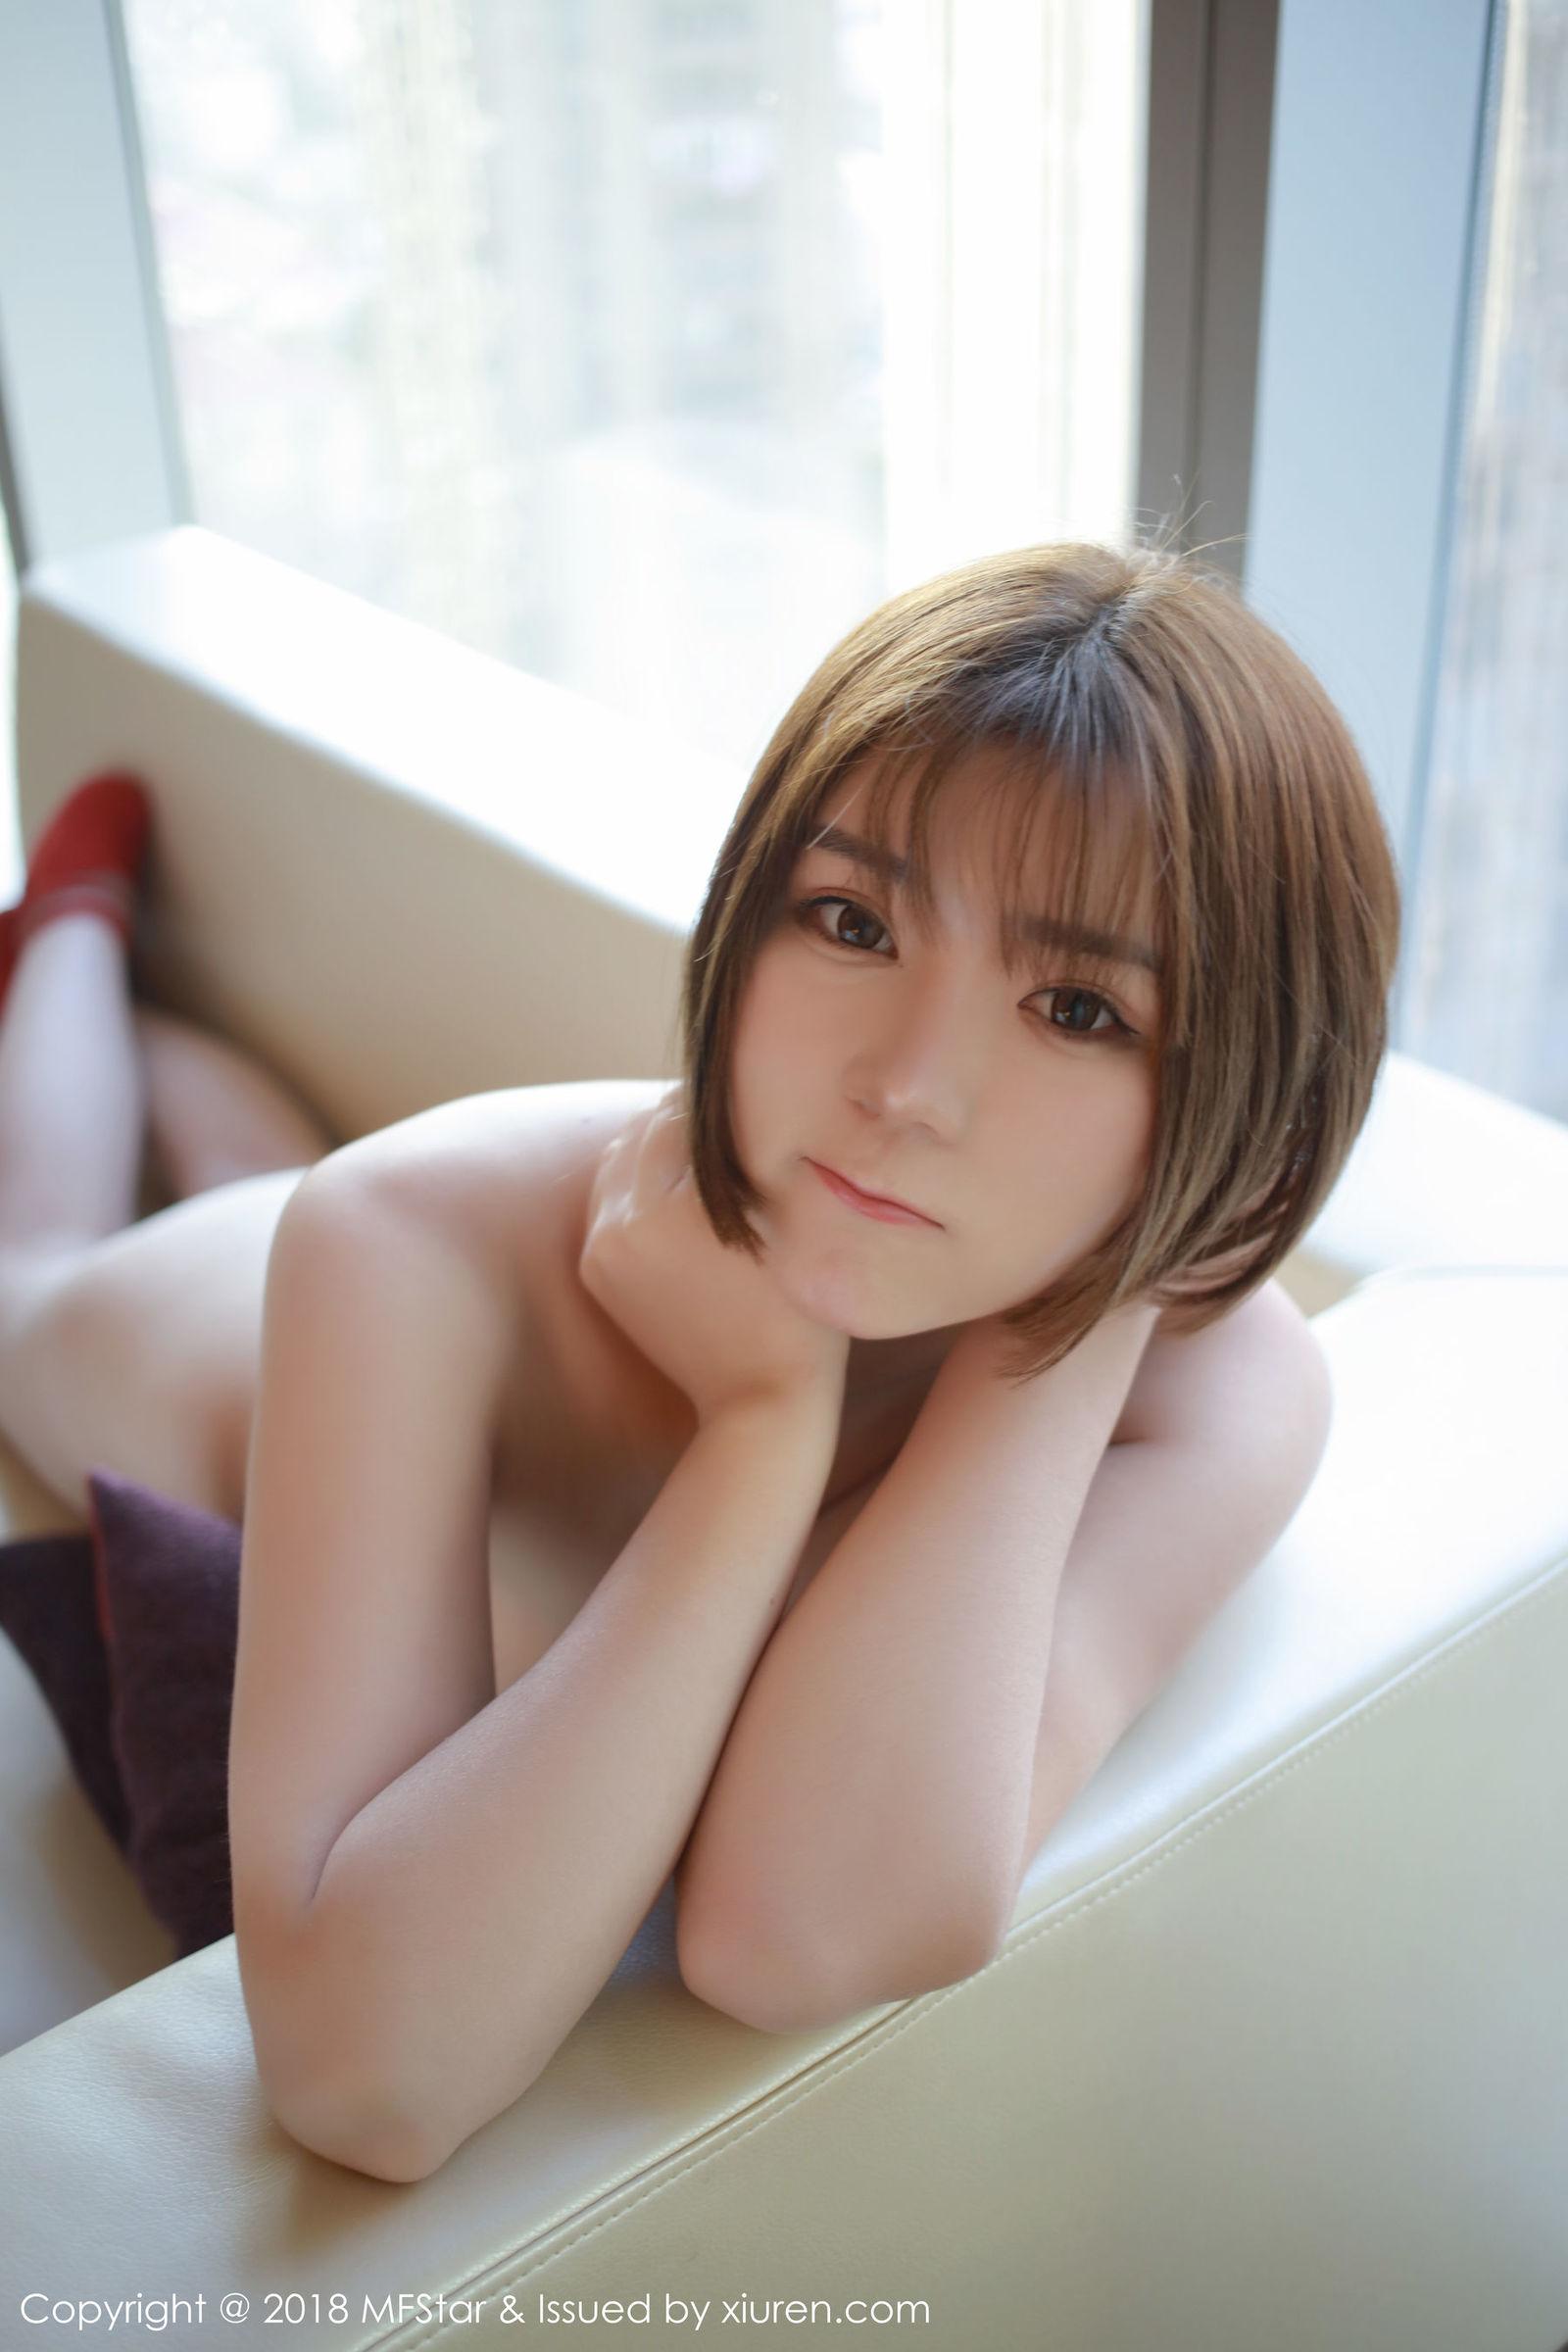 靓丽美女@冷不丁最新性感写真